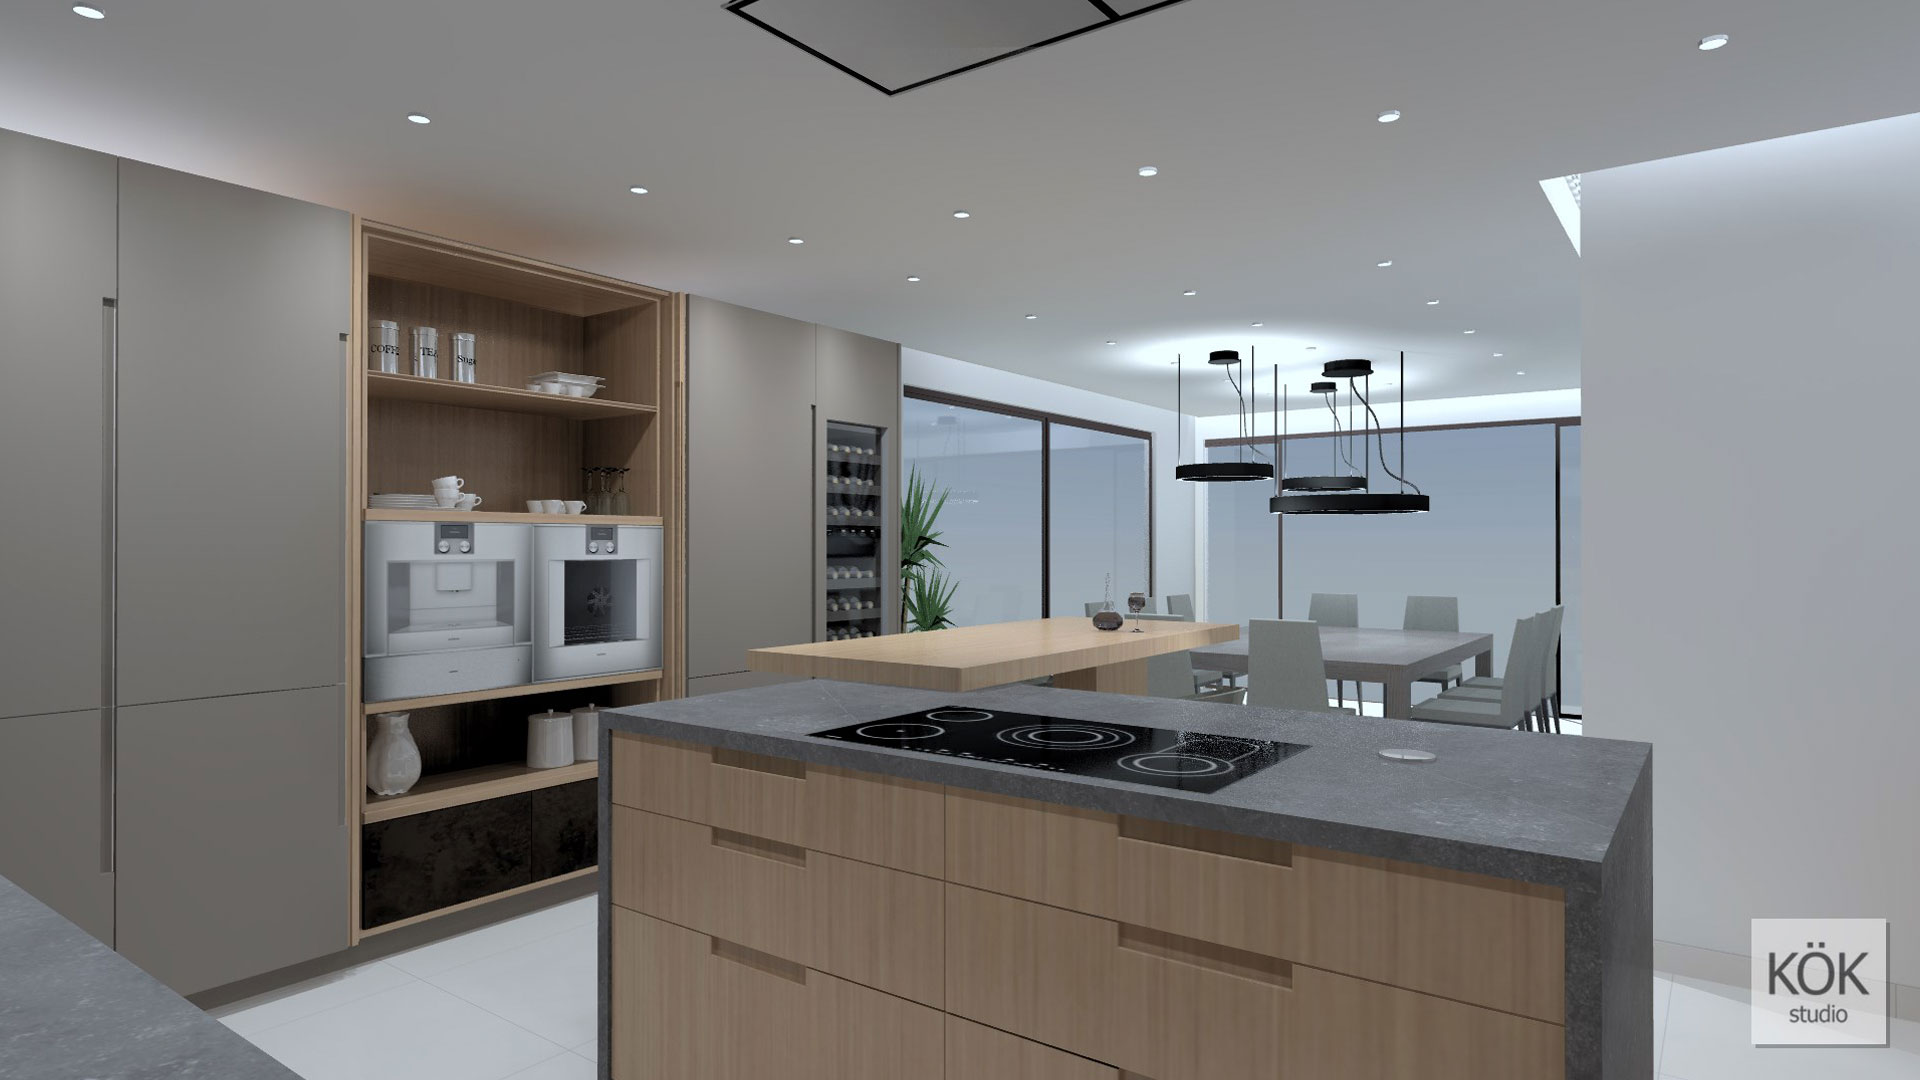 mobius-villas-kitchen